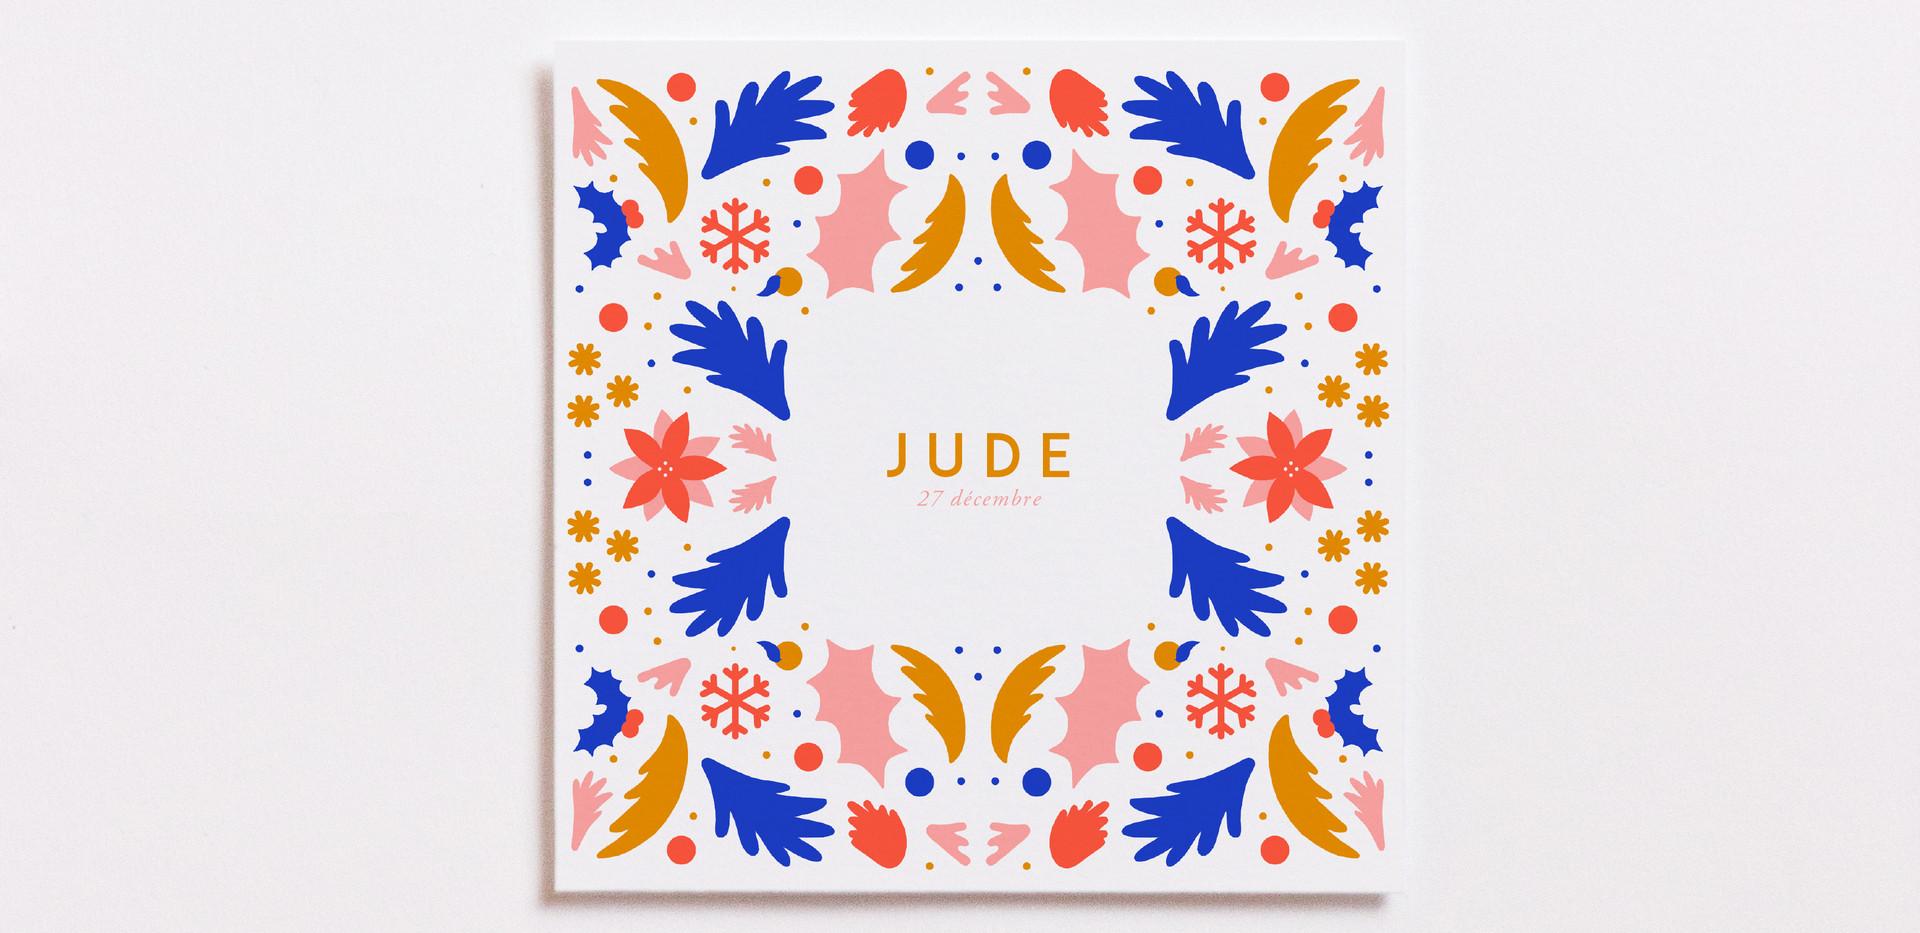 JUDE_RECTO.jpg